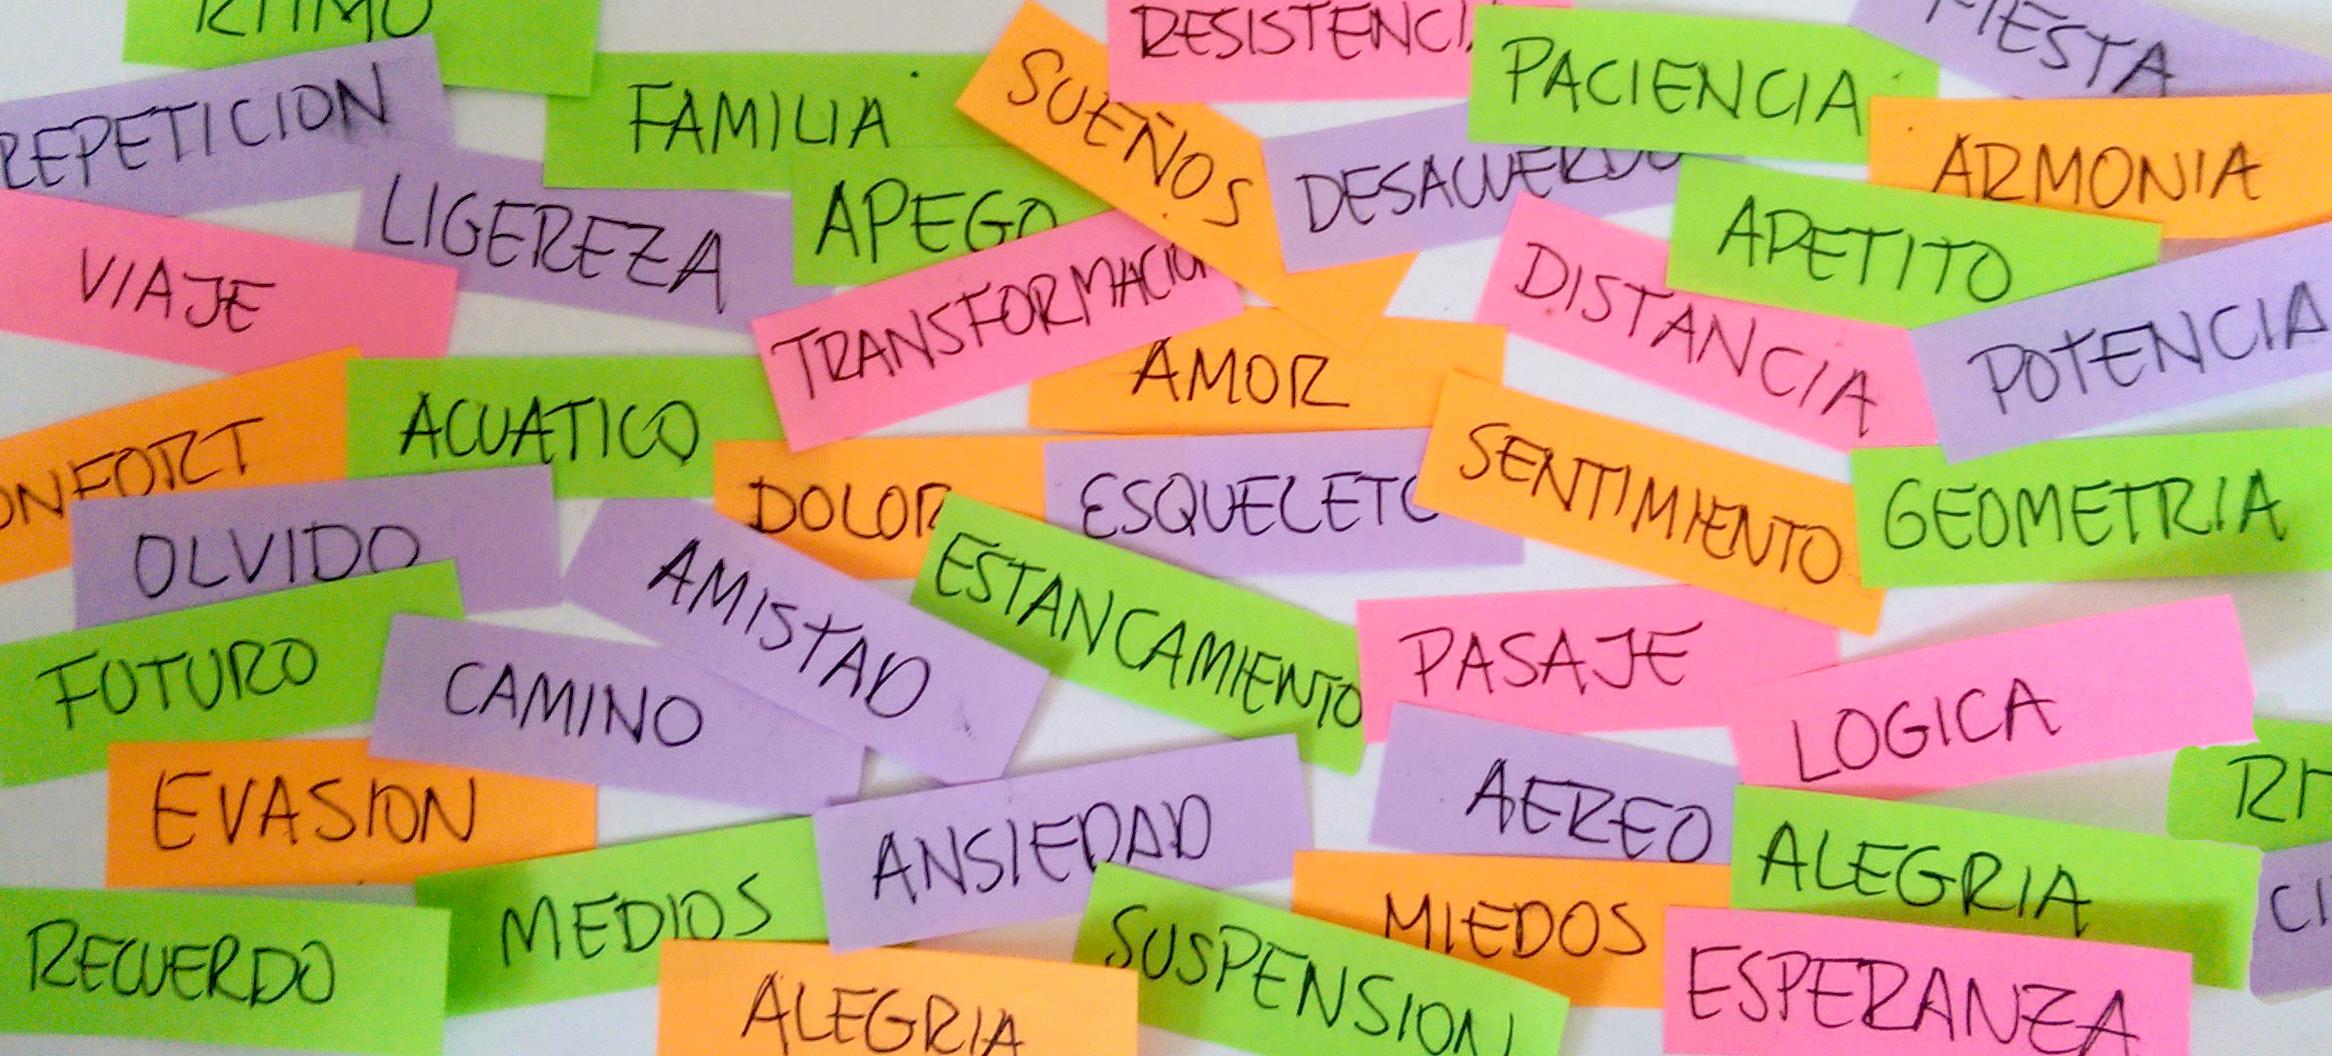 PALABRA EXPLICITA & MATERIA IMPLICITA – Workshop en Bogota